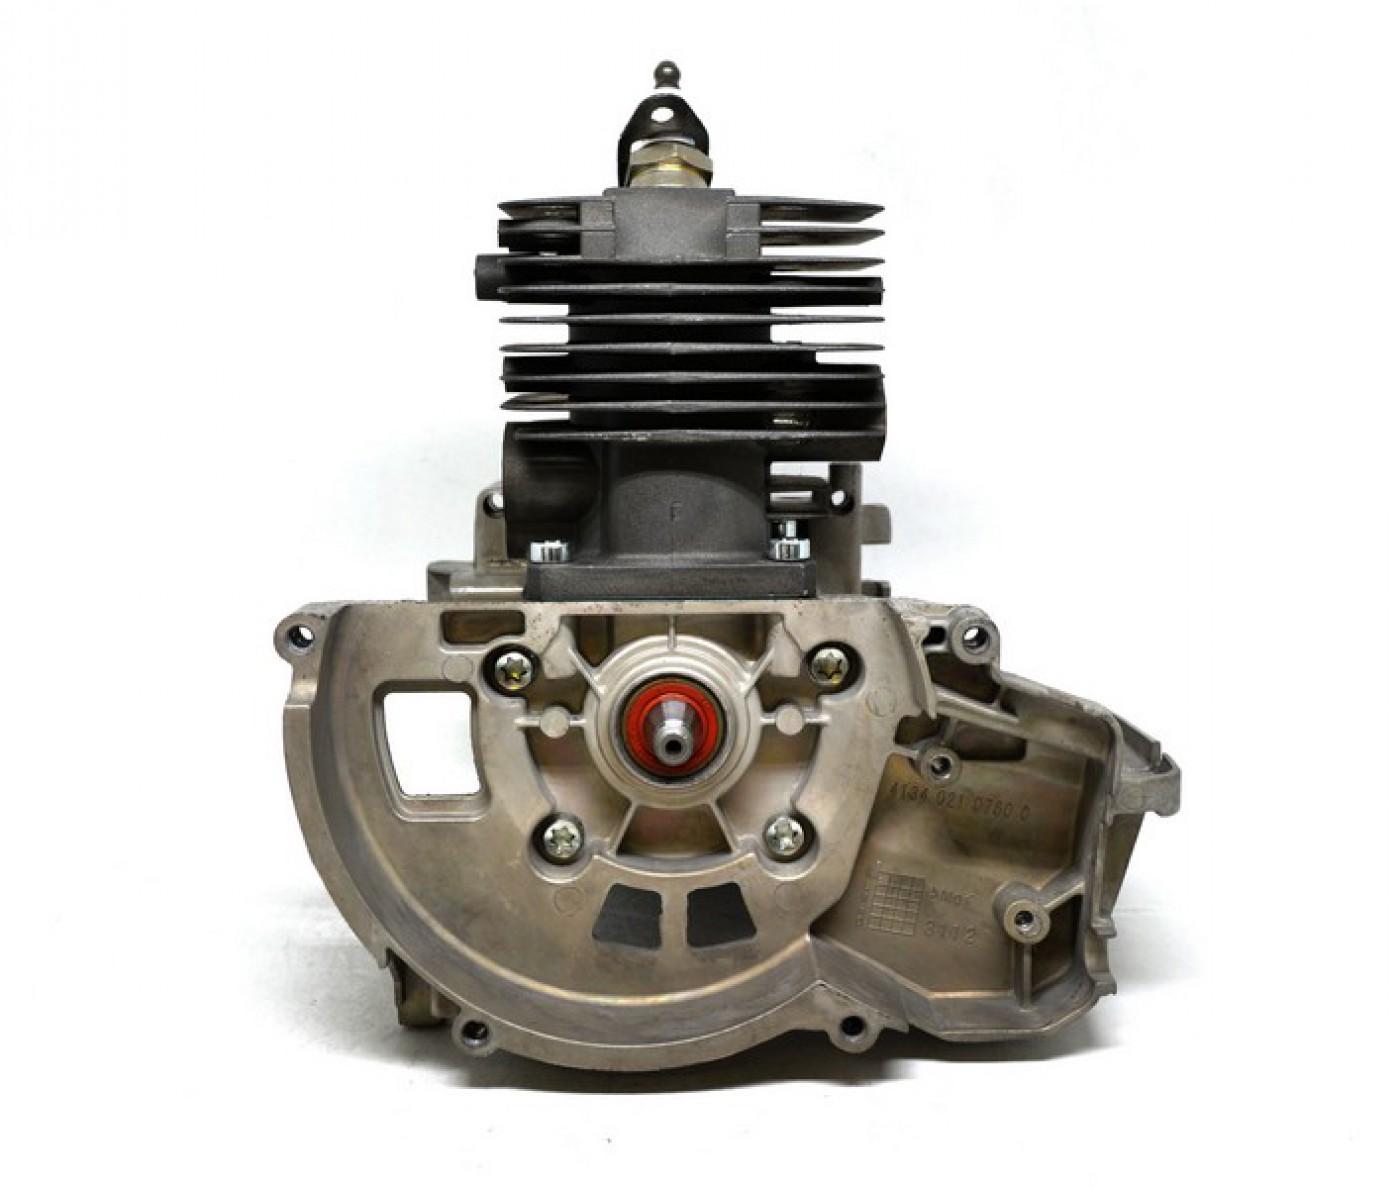 Motor Stihl FS250 AKCE!!!